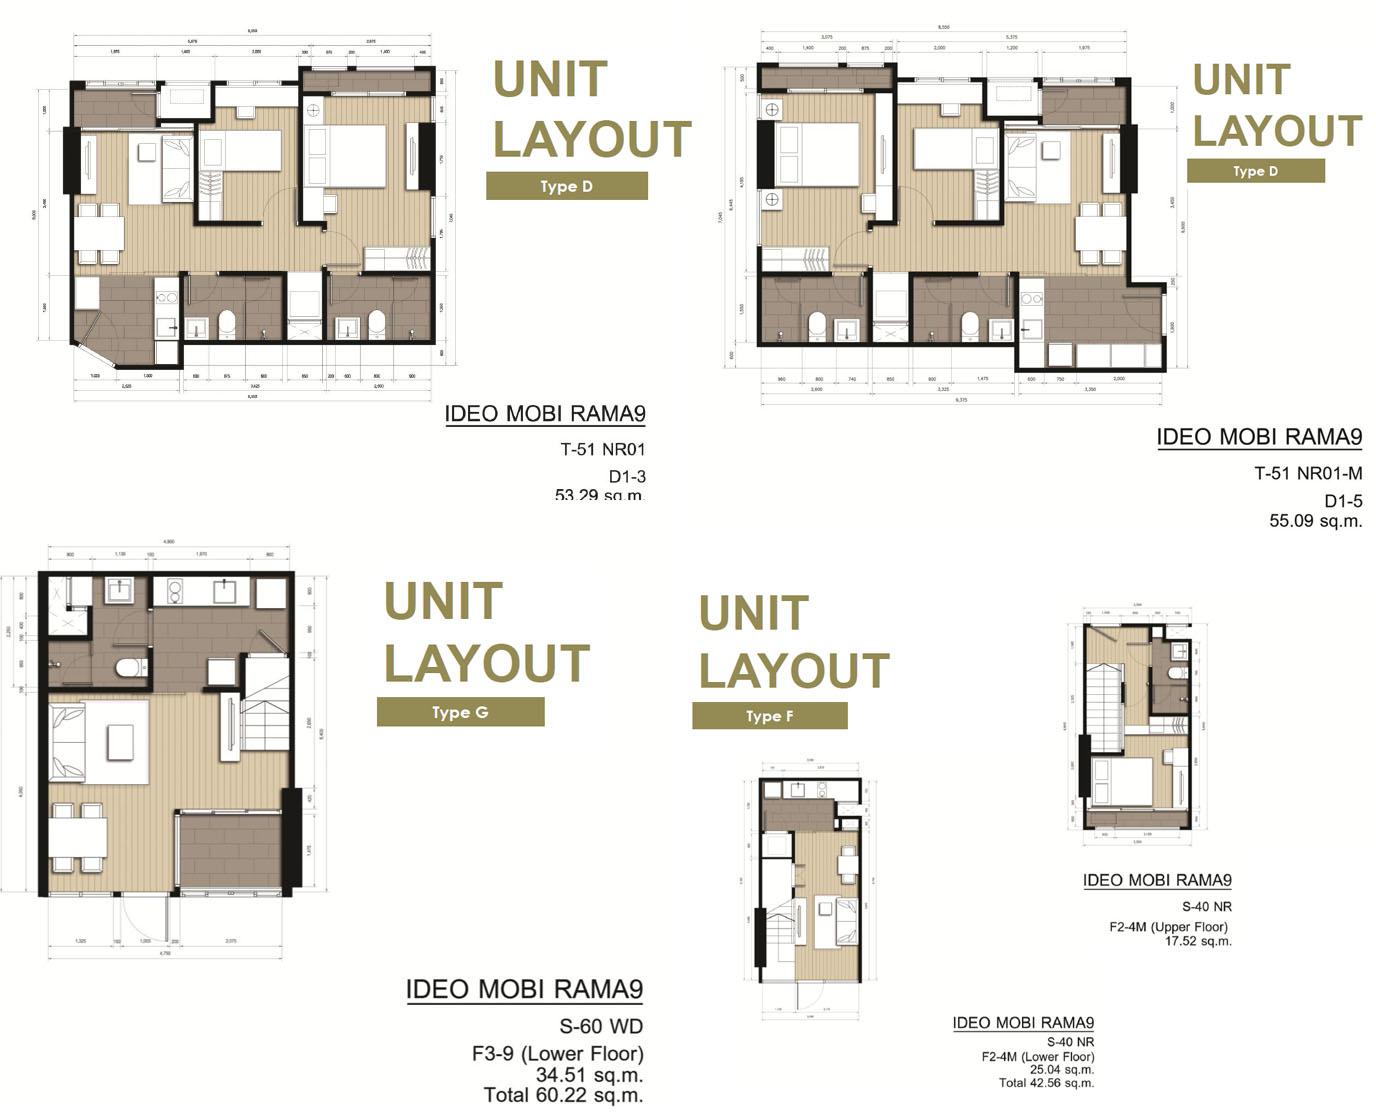 Ideo Mobi-Rama-9-Condo-Bangkok Floor Plan ideo mobi rama 9 Ideo Mobi Rama 9  Showflat | Showflat Hotline 61007122 Ideo mobi rama 9 unit floor plan